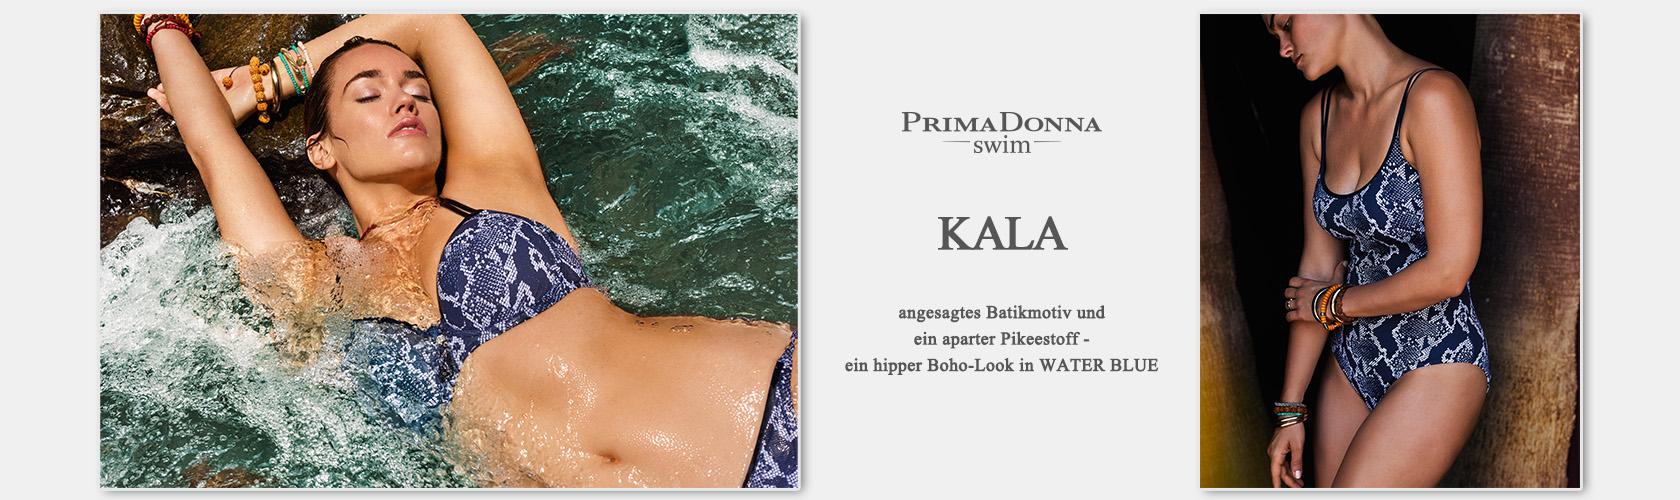 Slideshow KALA 01.06.